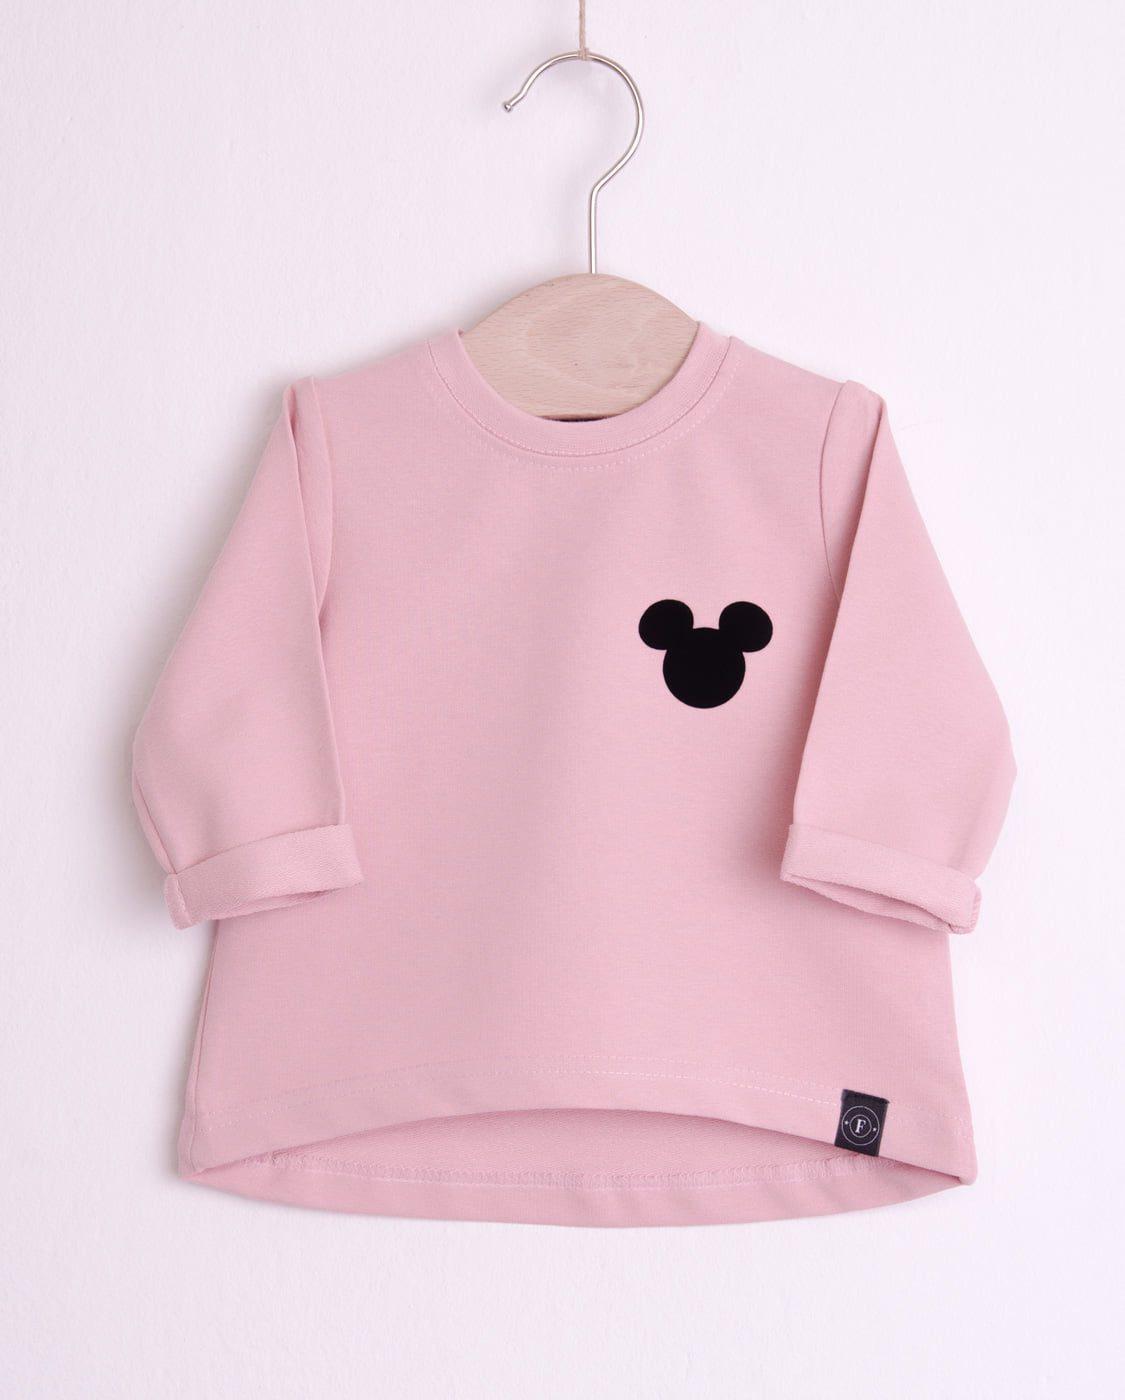 c6c9e5c8b9eeaa Tunika z logo myszki miki - Fabryka Bodziaków - Dla dziewczynki